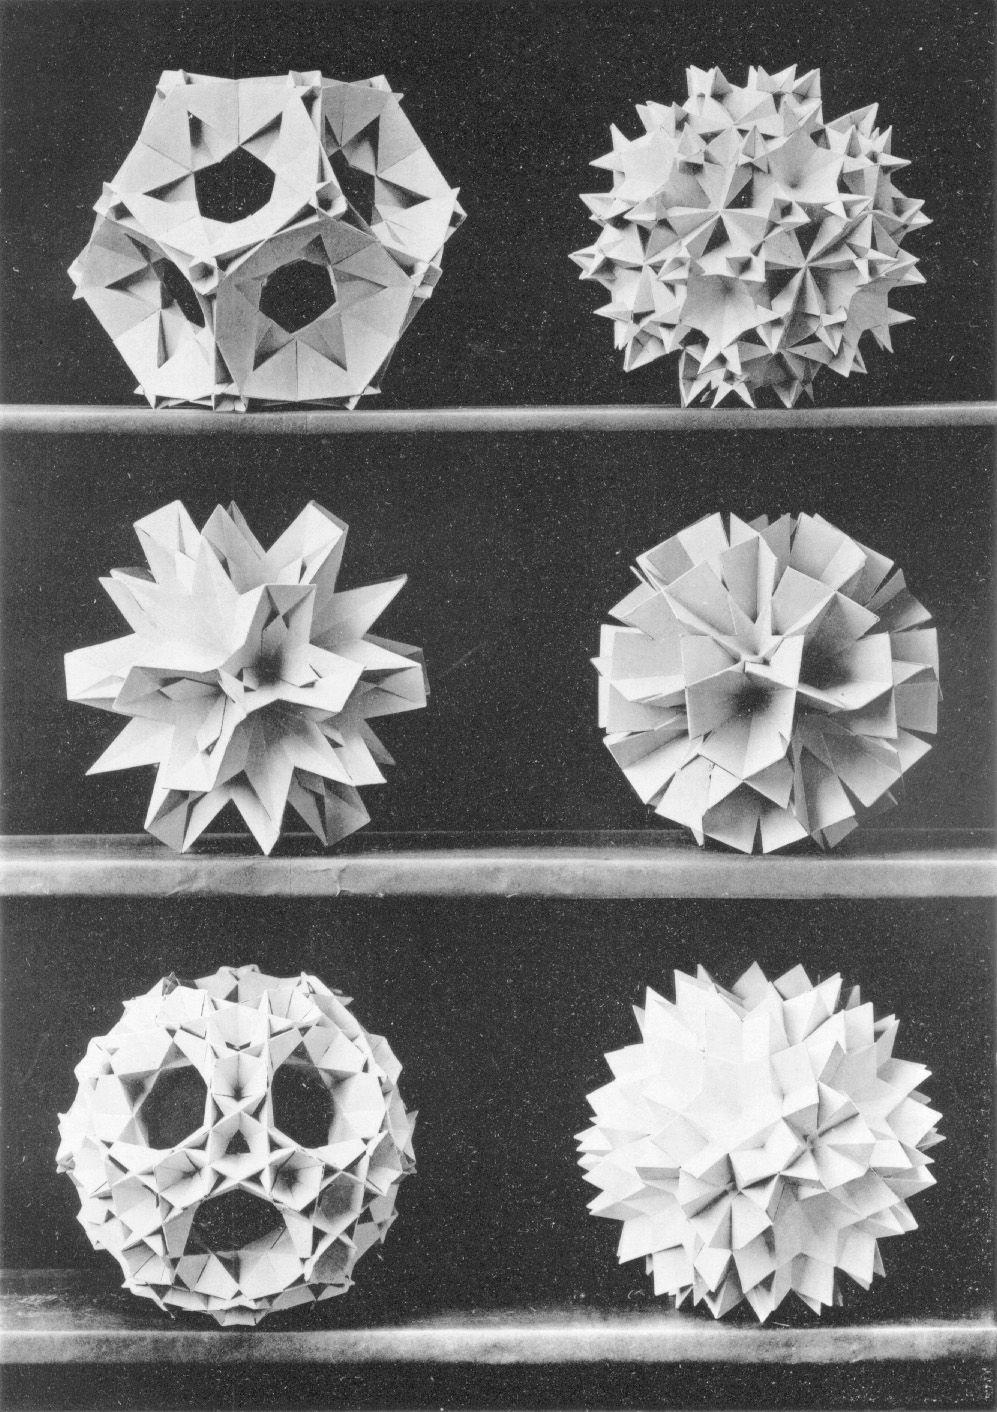 Modelos poliédricos x Max Bruckner, 1906.